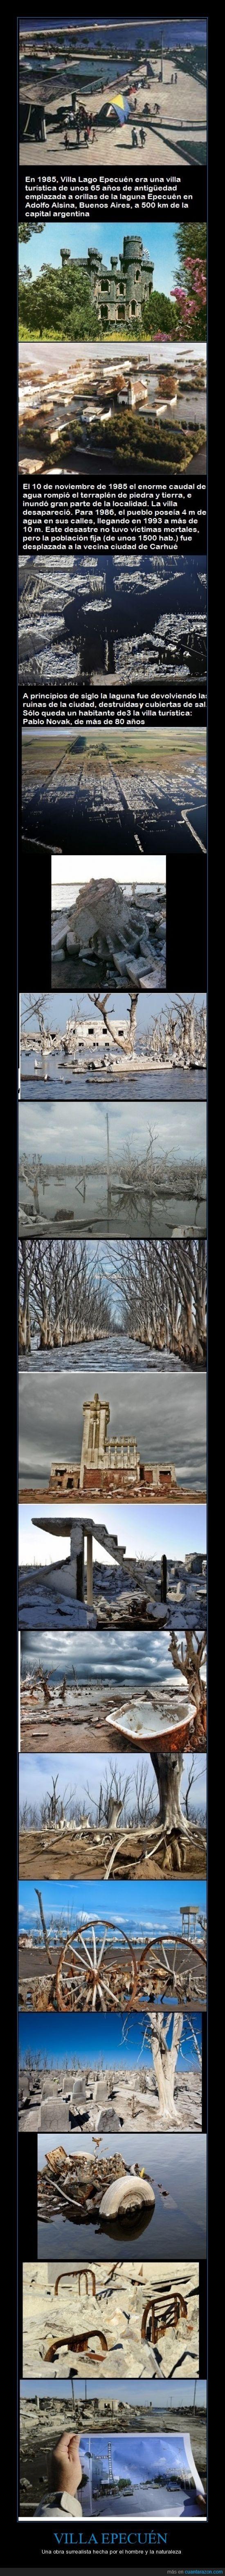 VILLA EPECUÉN - Una obra surrealista hecha por el hombre y la naturaleza